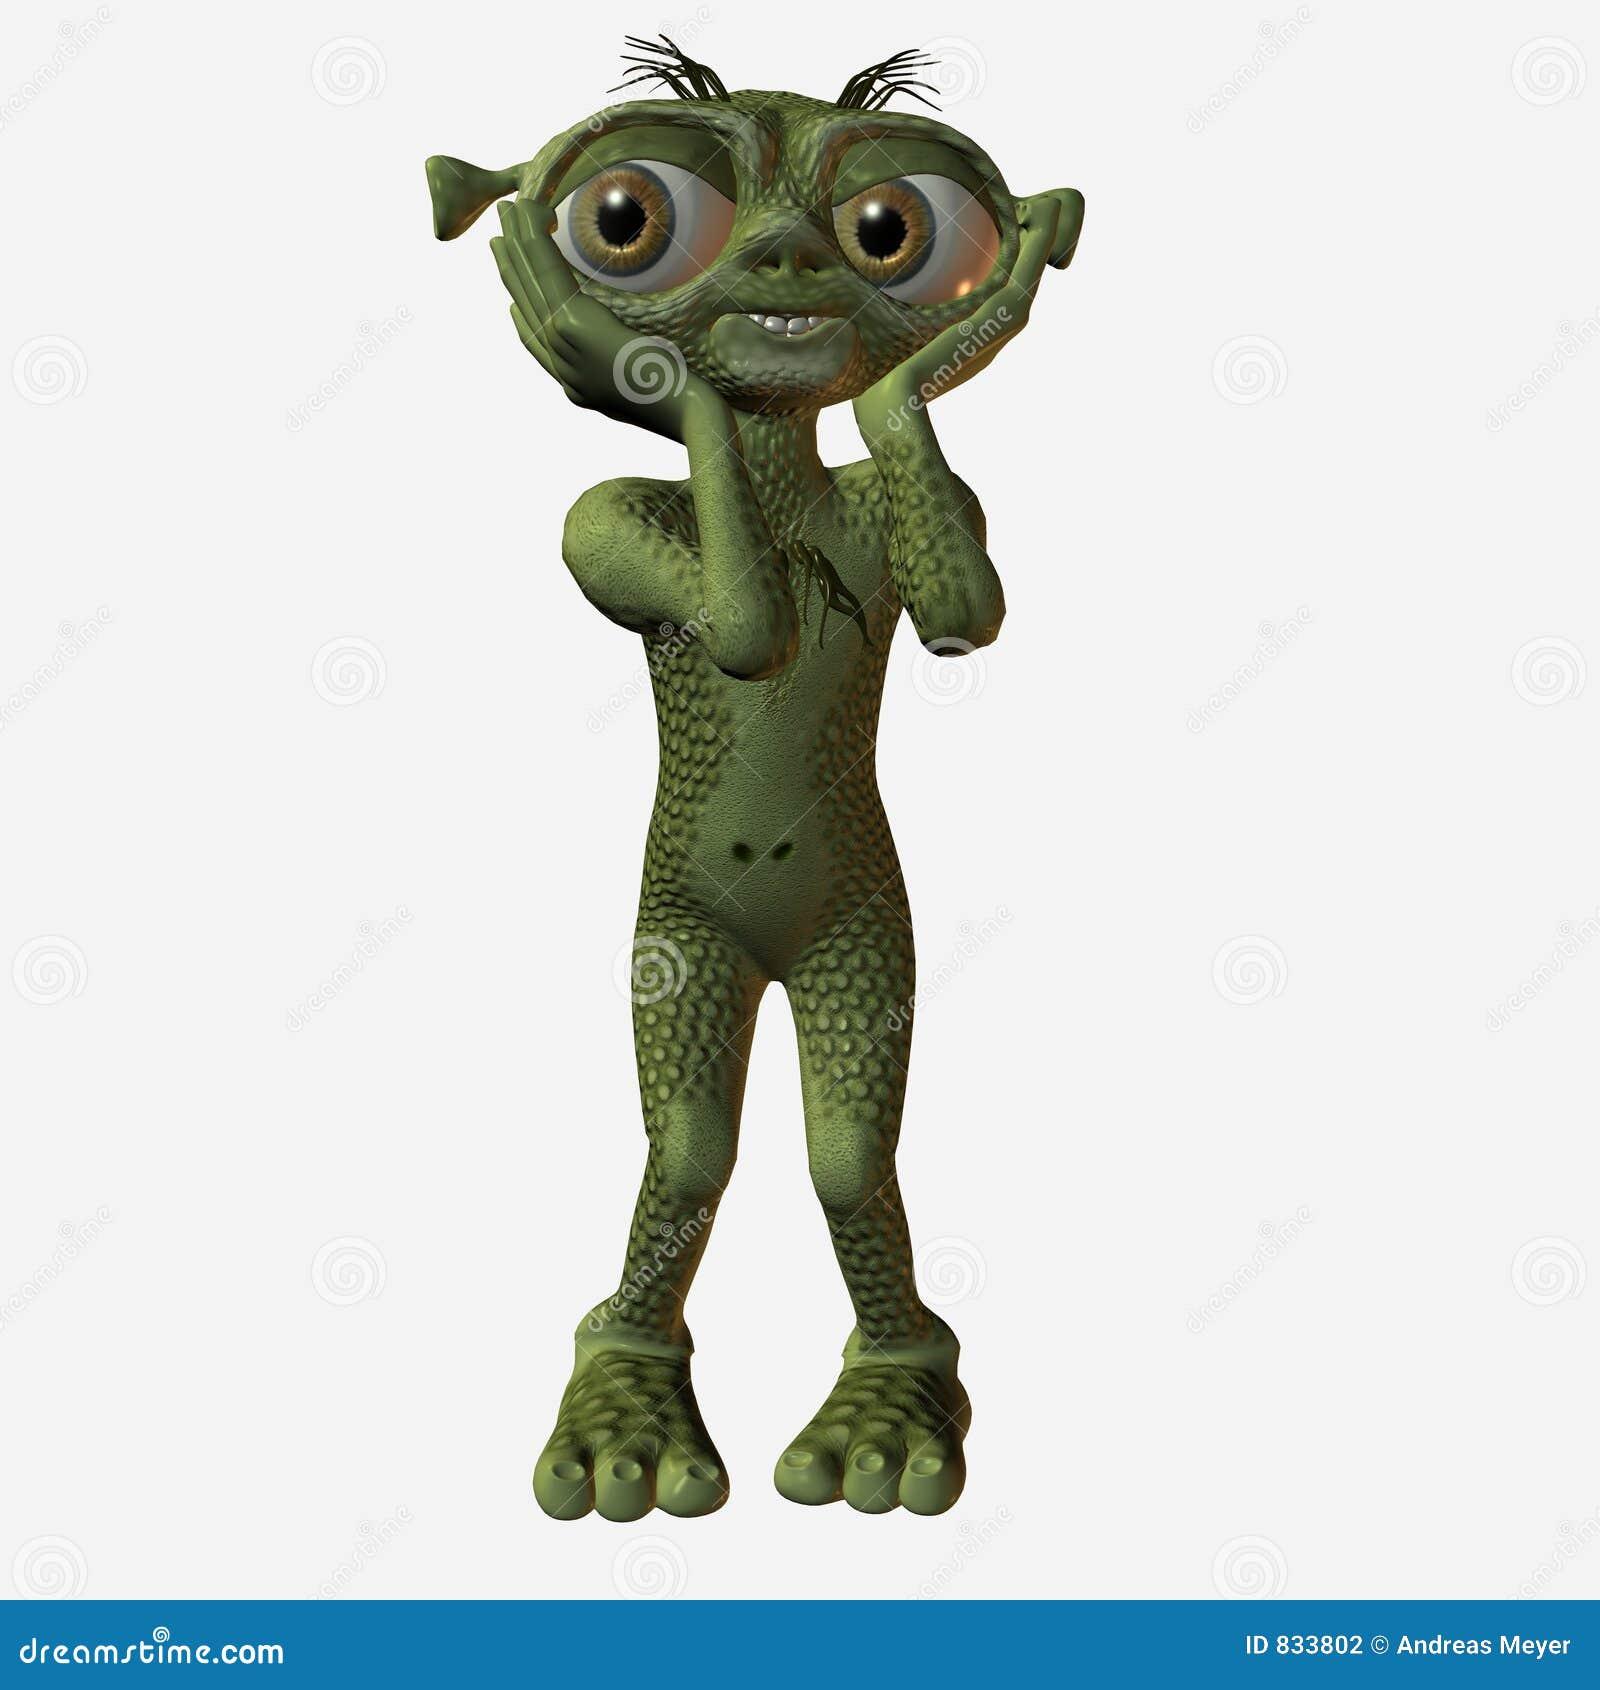 Alien embarrased toon